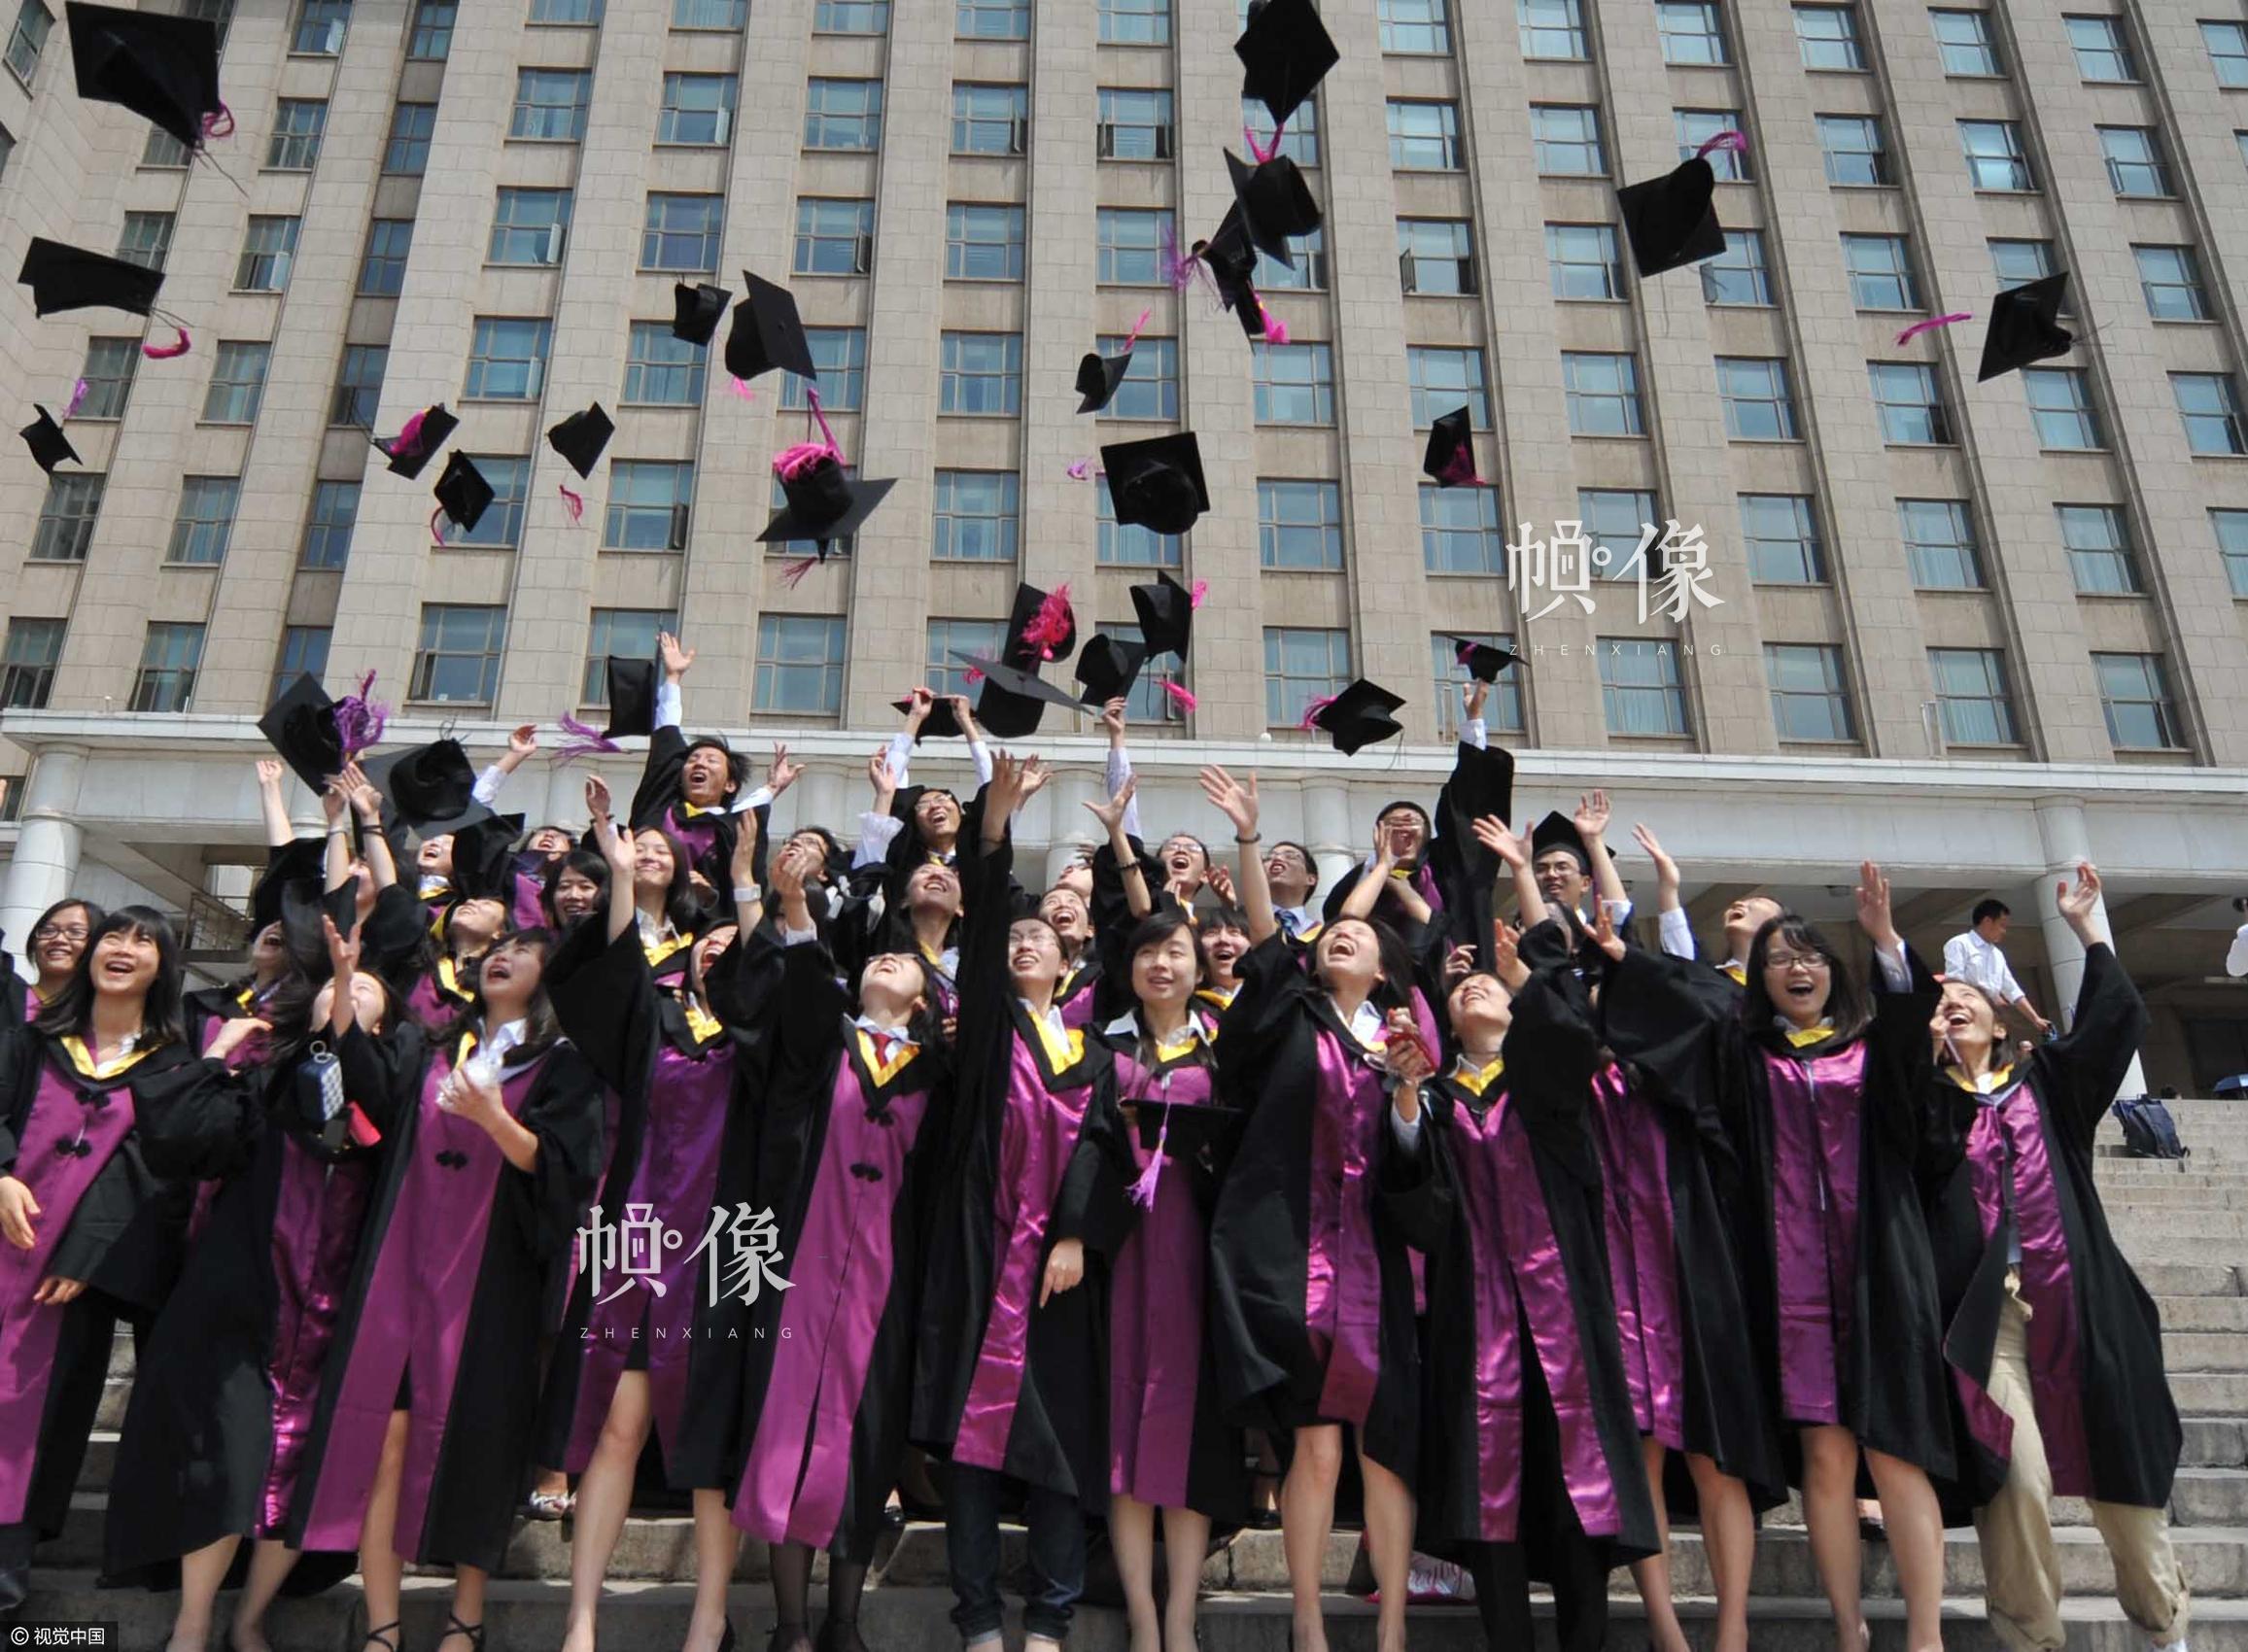 2011年6月27日,清华大学迎来毕业季,不少毕业学生即将离开母校,为留下珍贵的记忆,学生们争相拍摄集体照。视觉中国供图